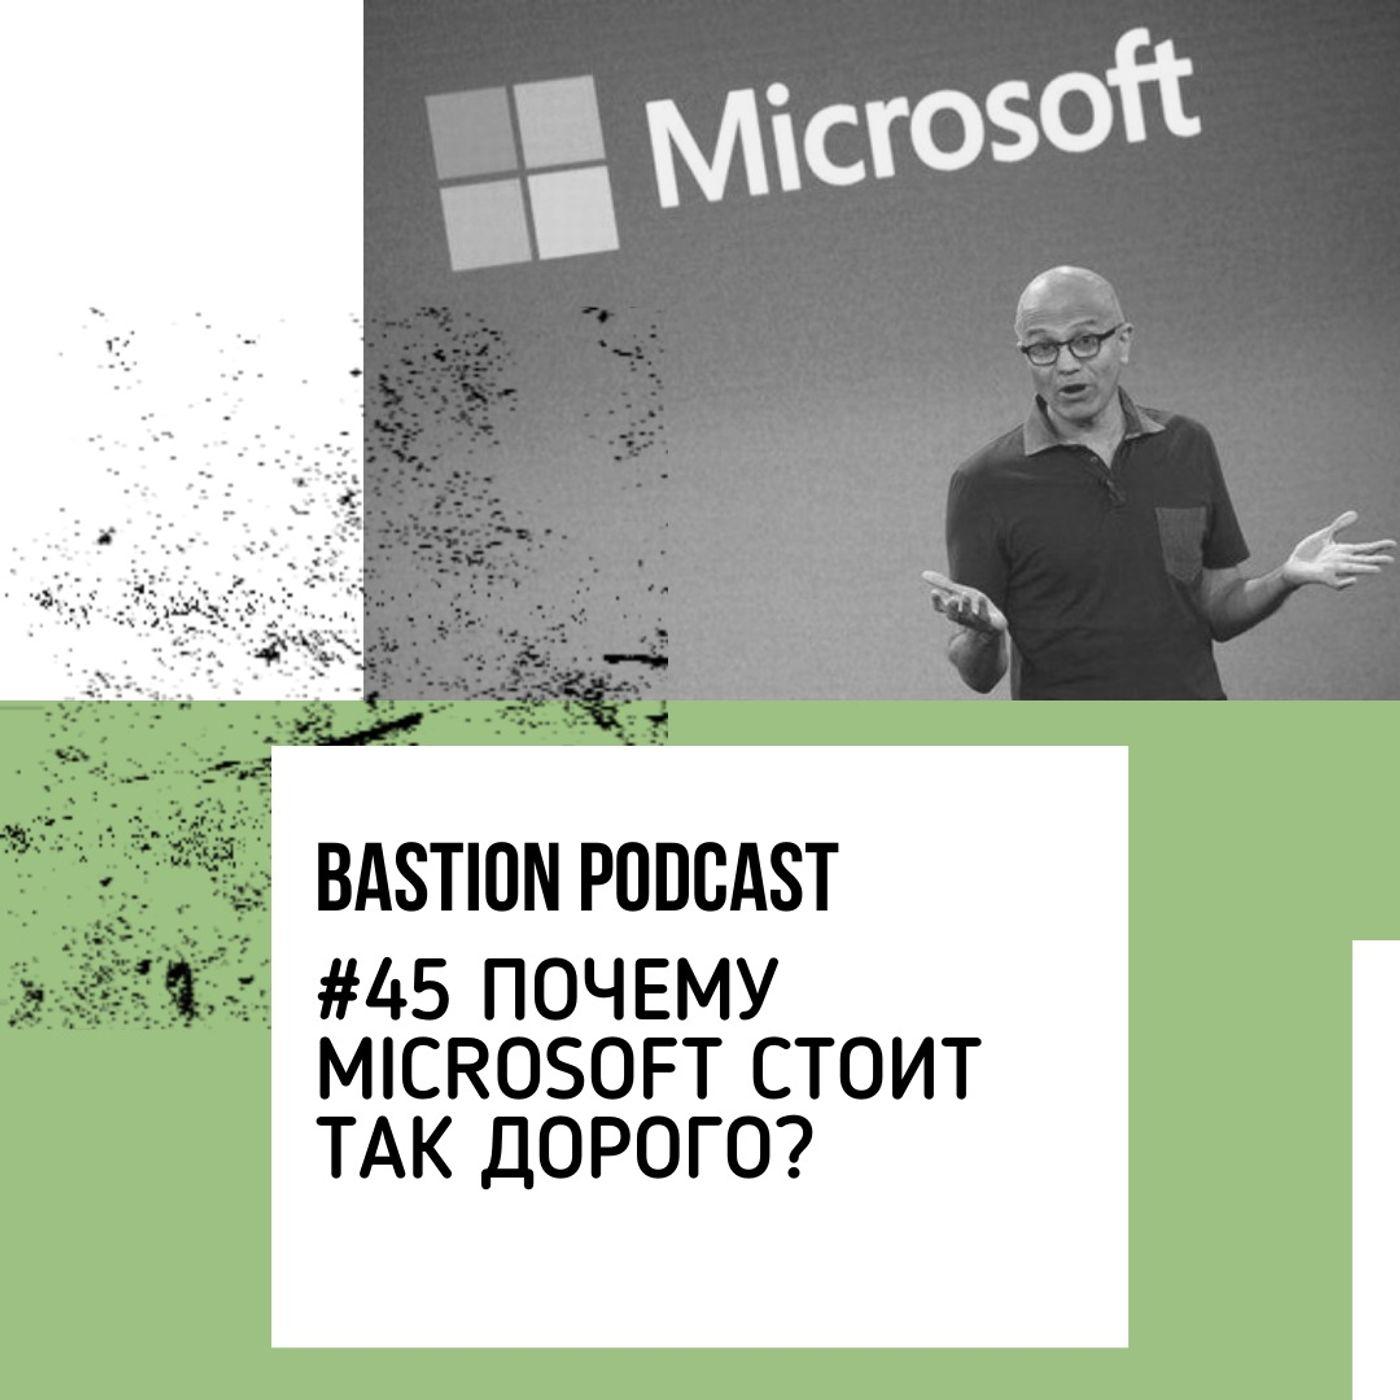 #45: Почему Microsoft стоит так дорого?